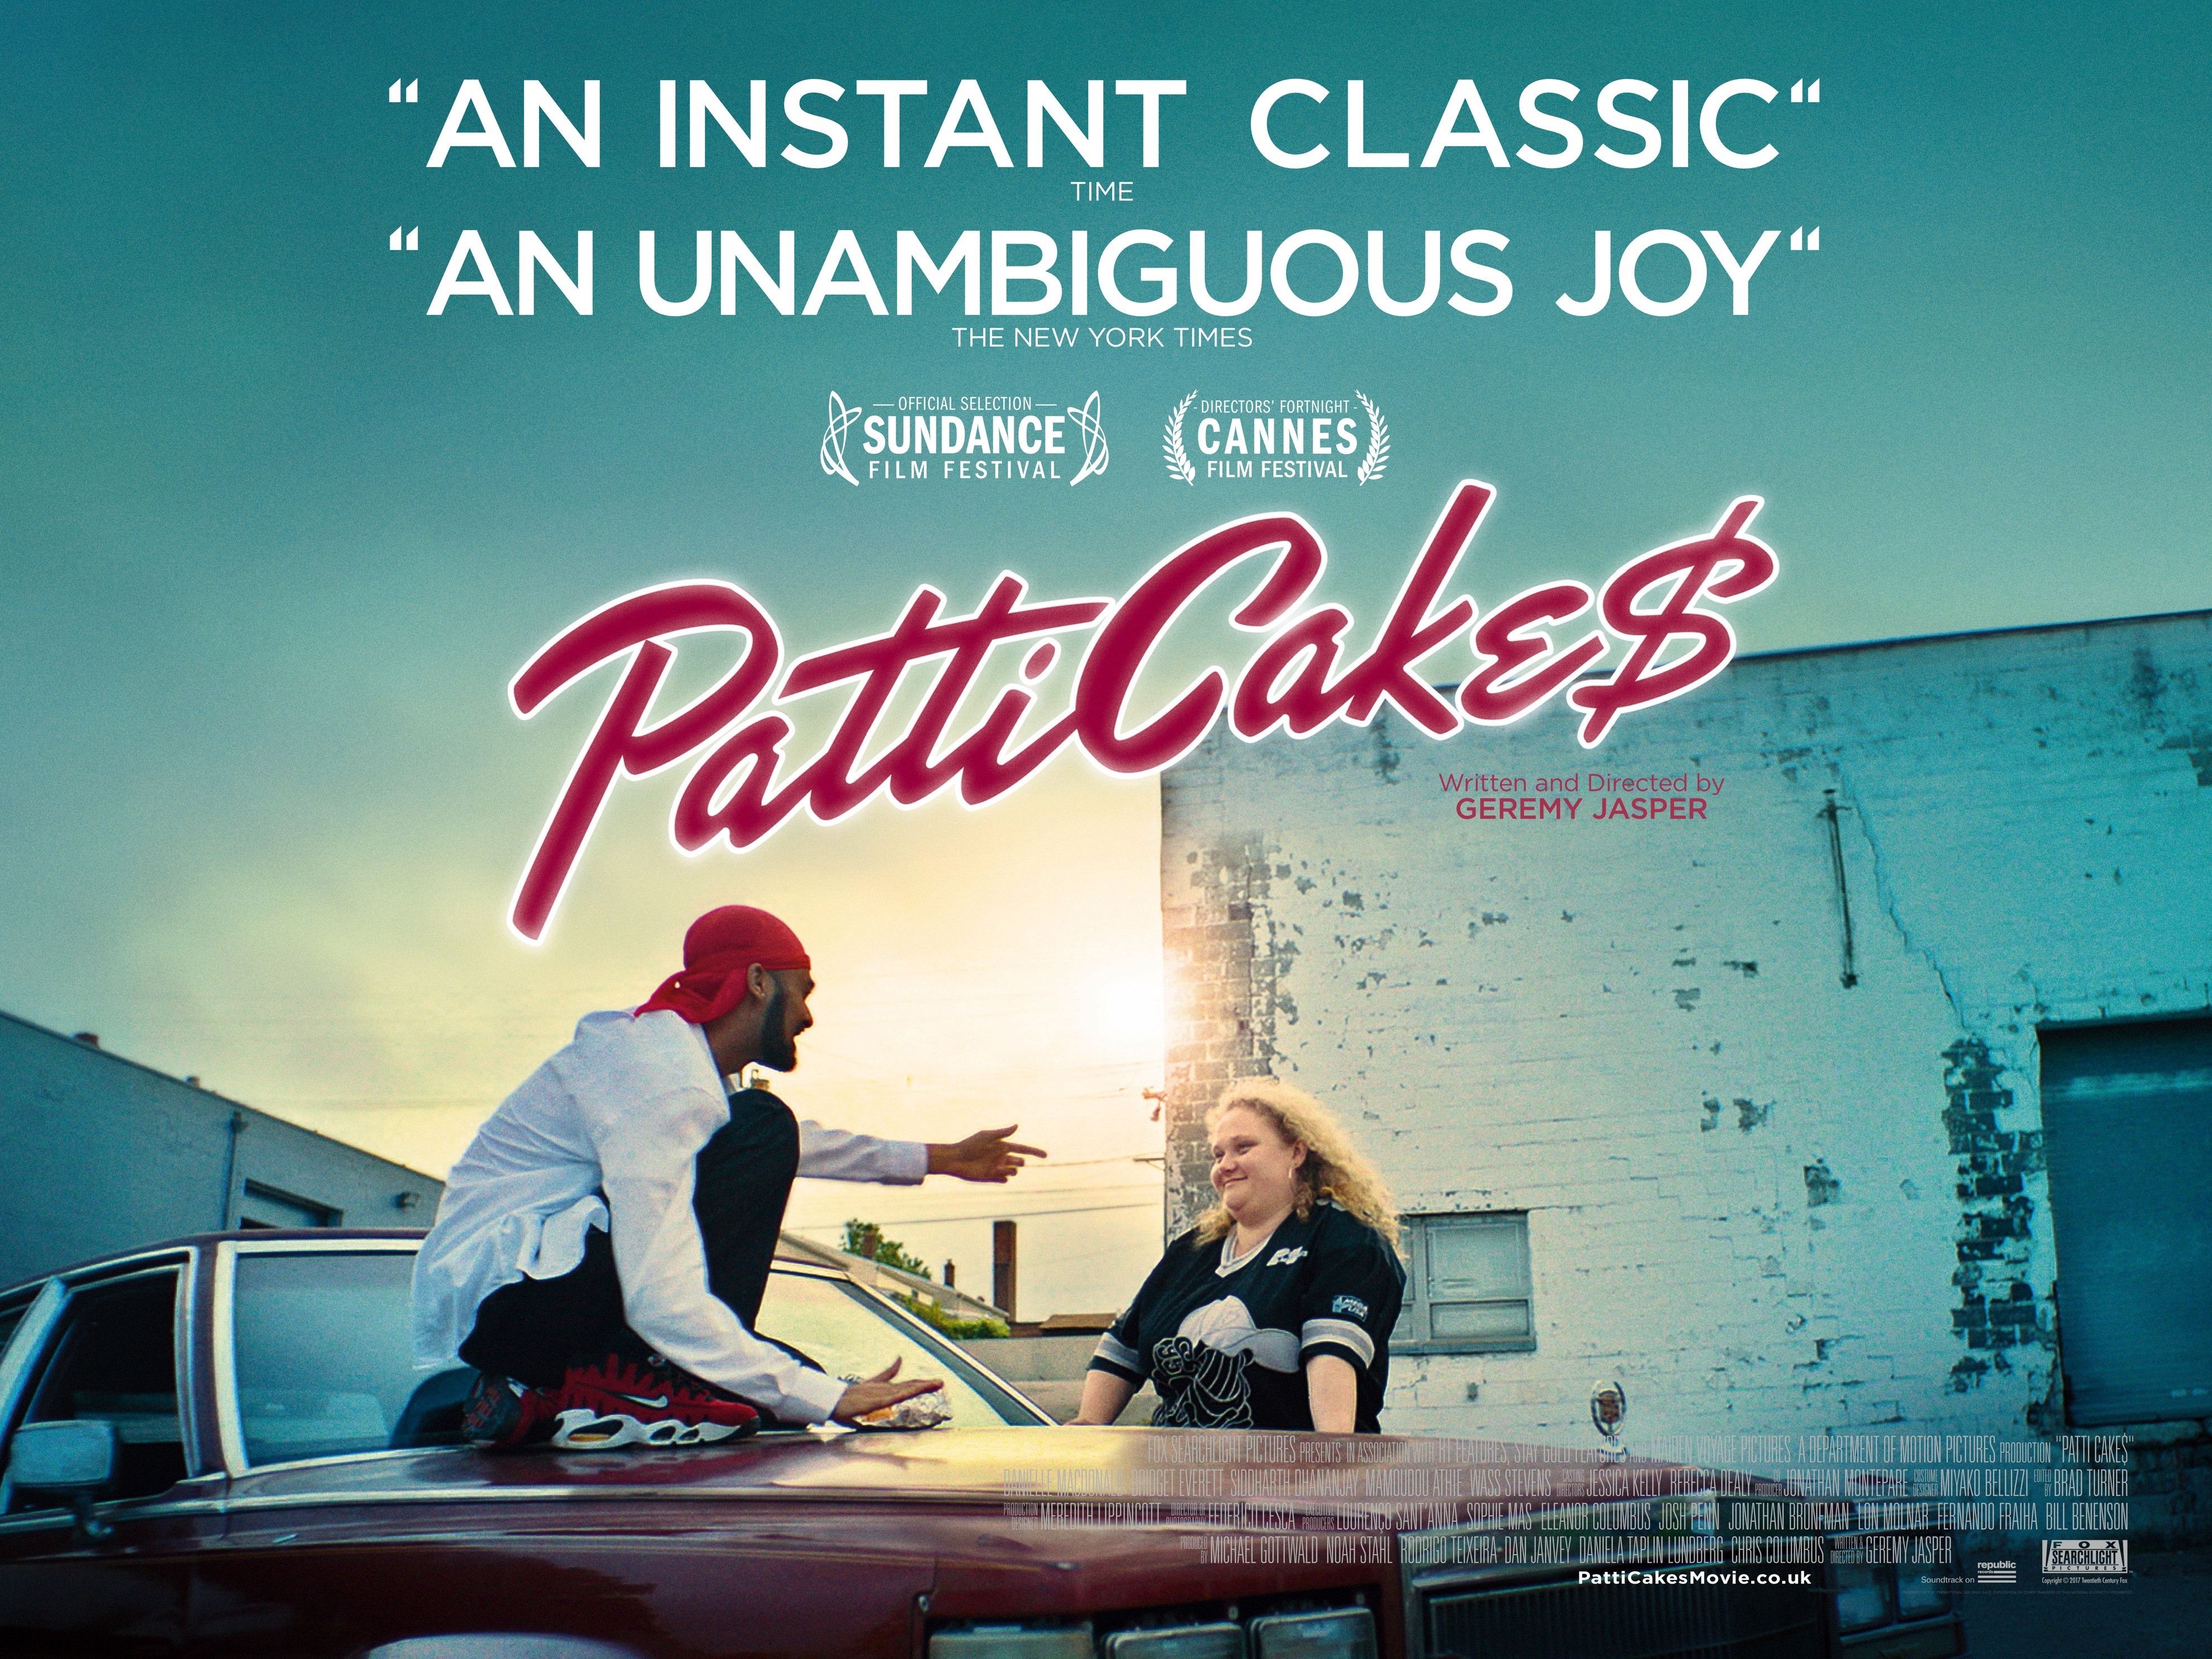 Patticake$